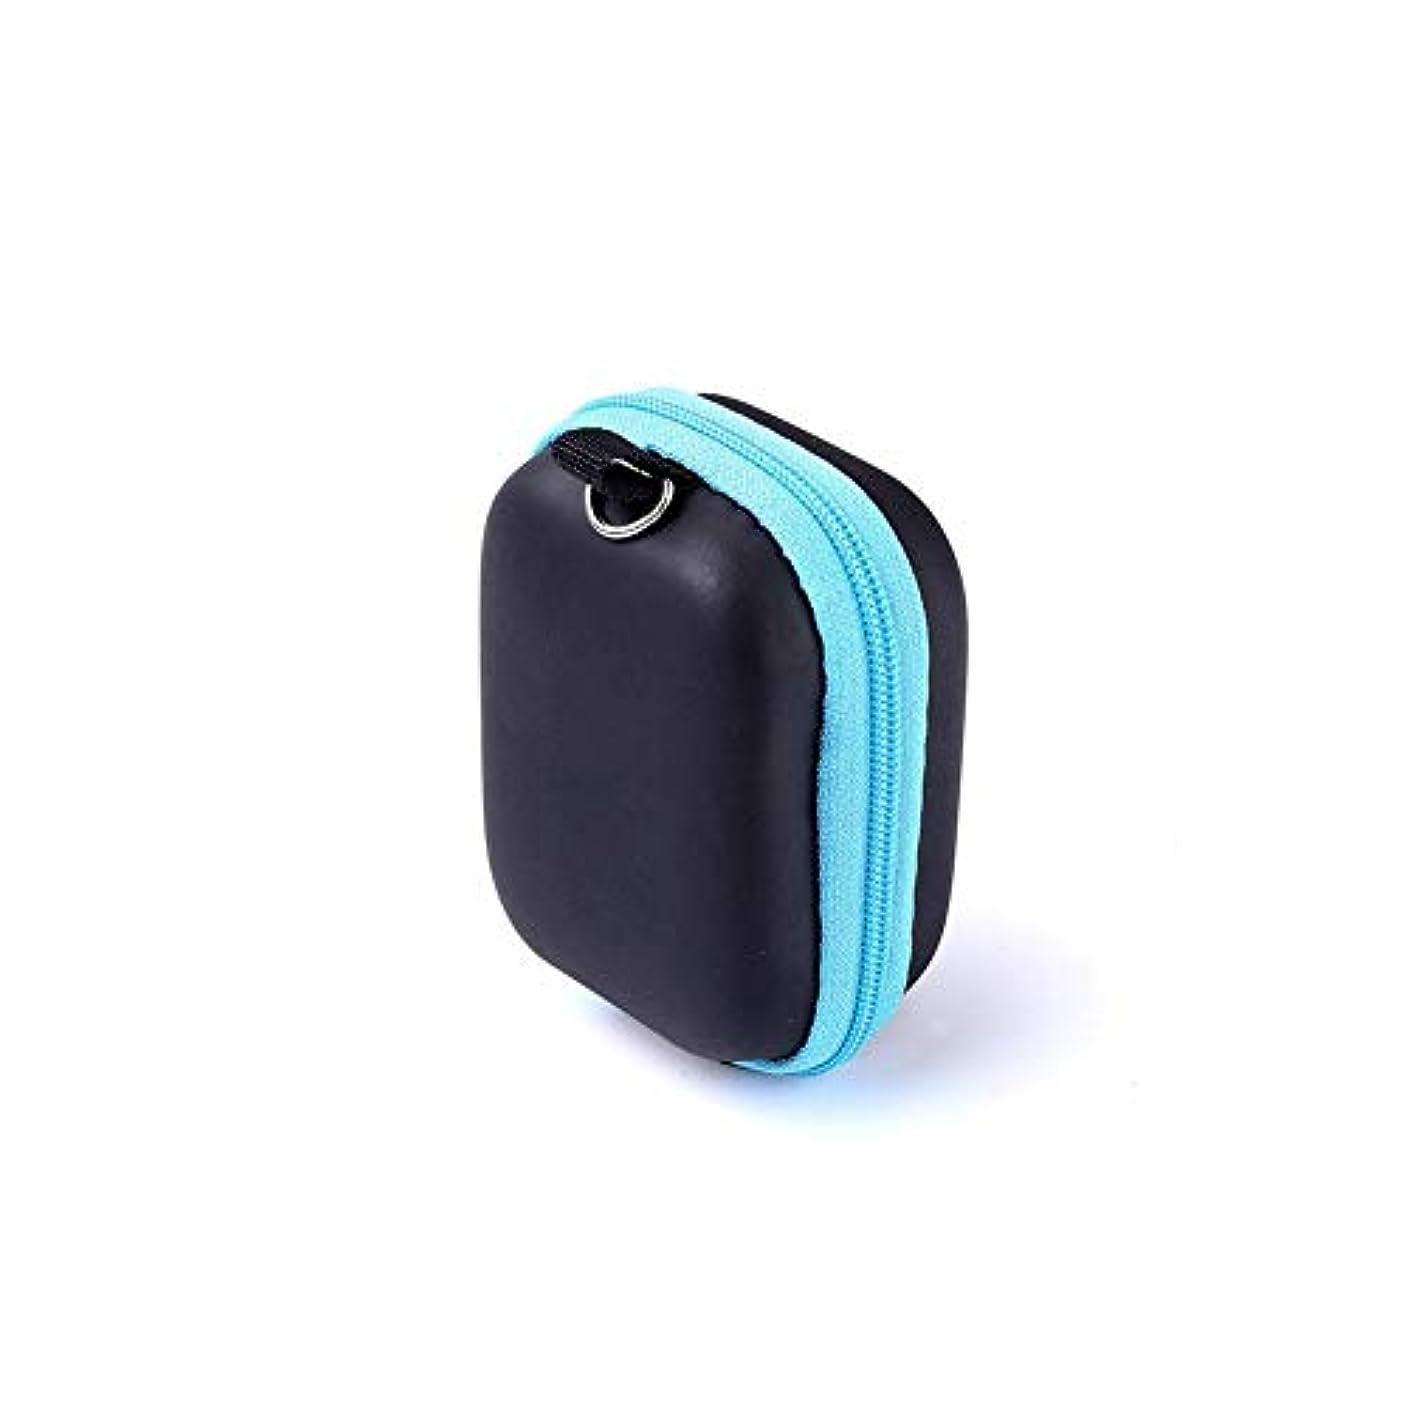 満足流嫌いPursue エッセンシャルオイル収納ケース アロマオイル収納ボックス アロマポーチ収納ケース 耐震 携帯便利 香水収納ポーチ 化粧ポーチ 6本用